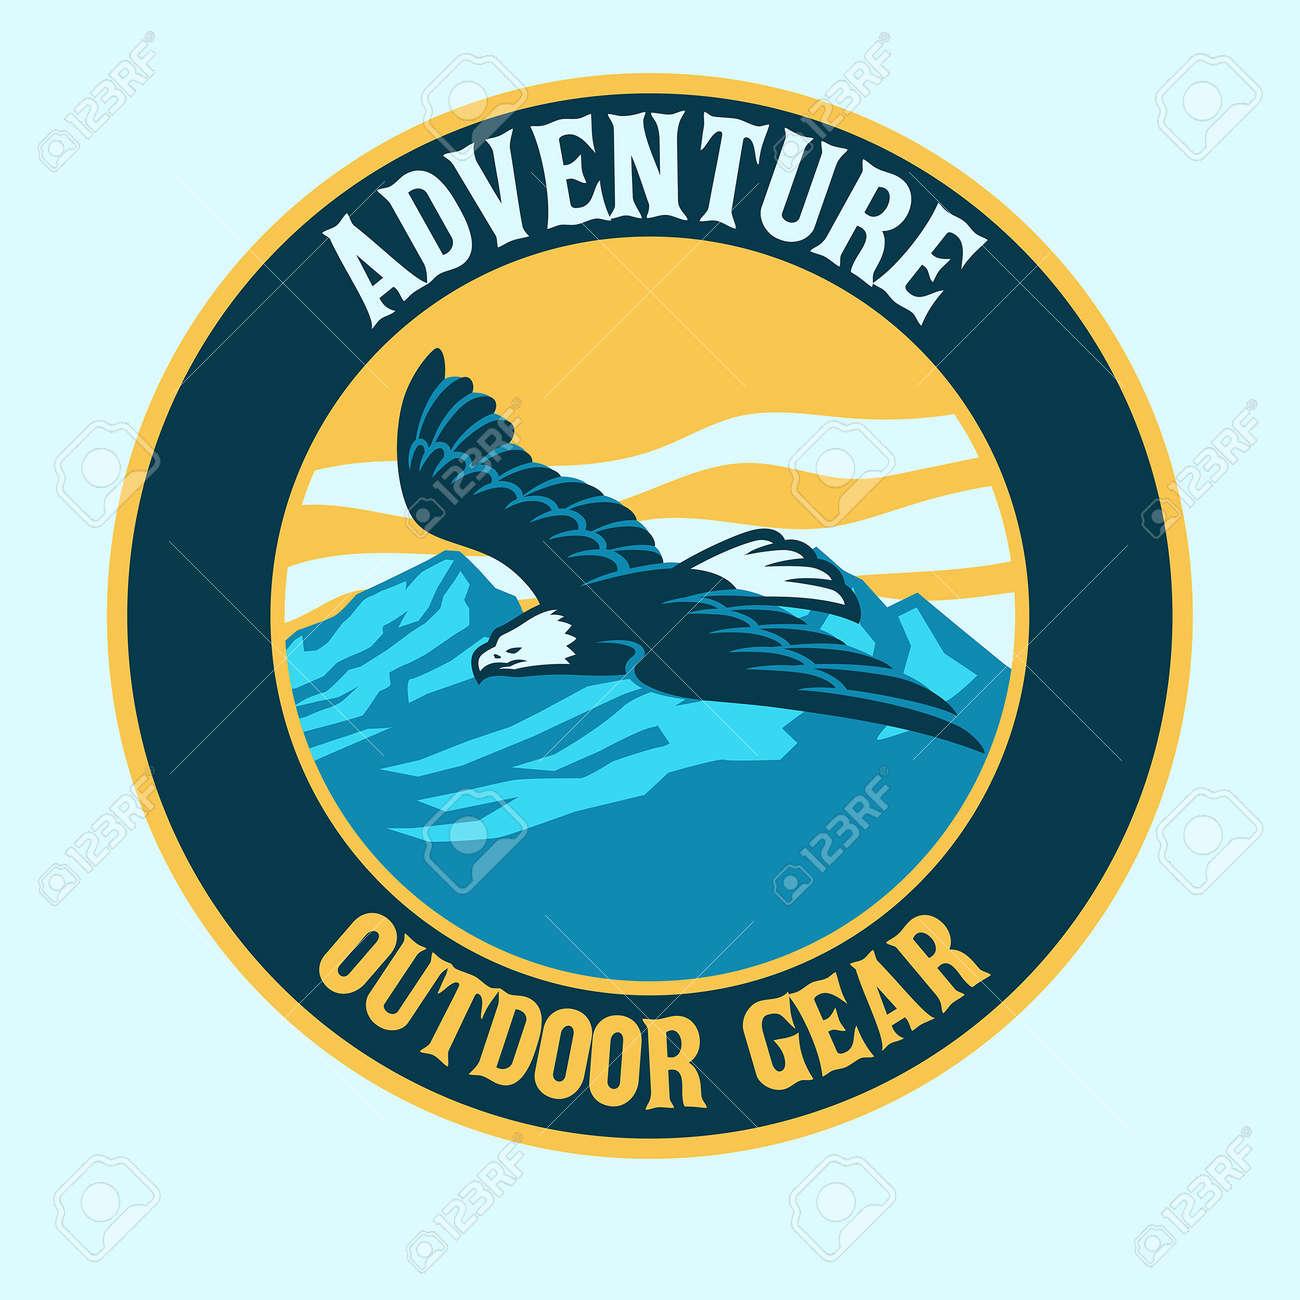 vector of bald eagle badge outdoor logo - 171104020